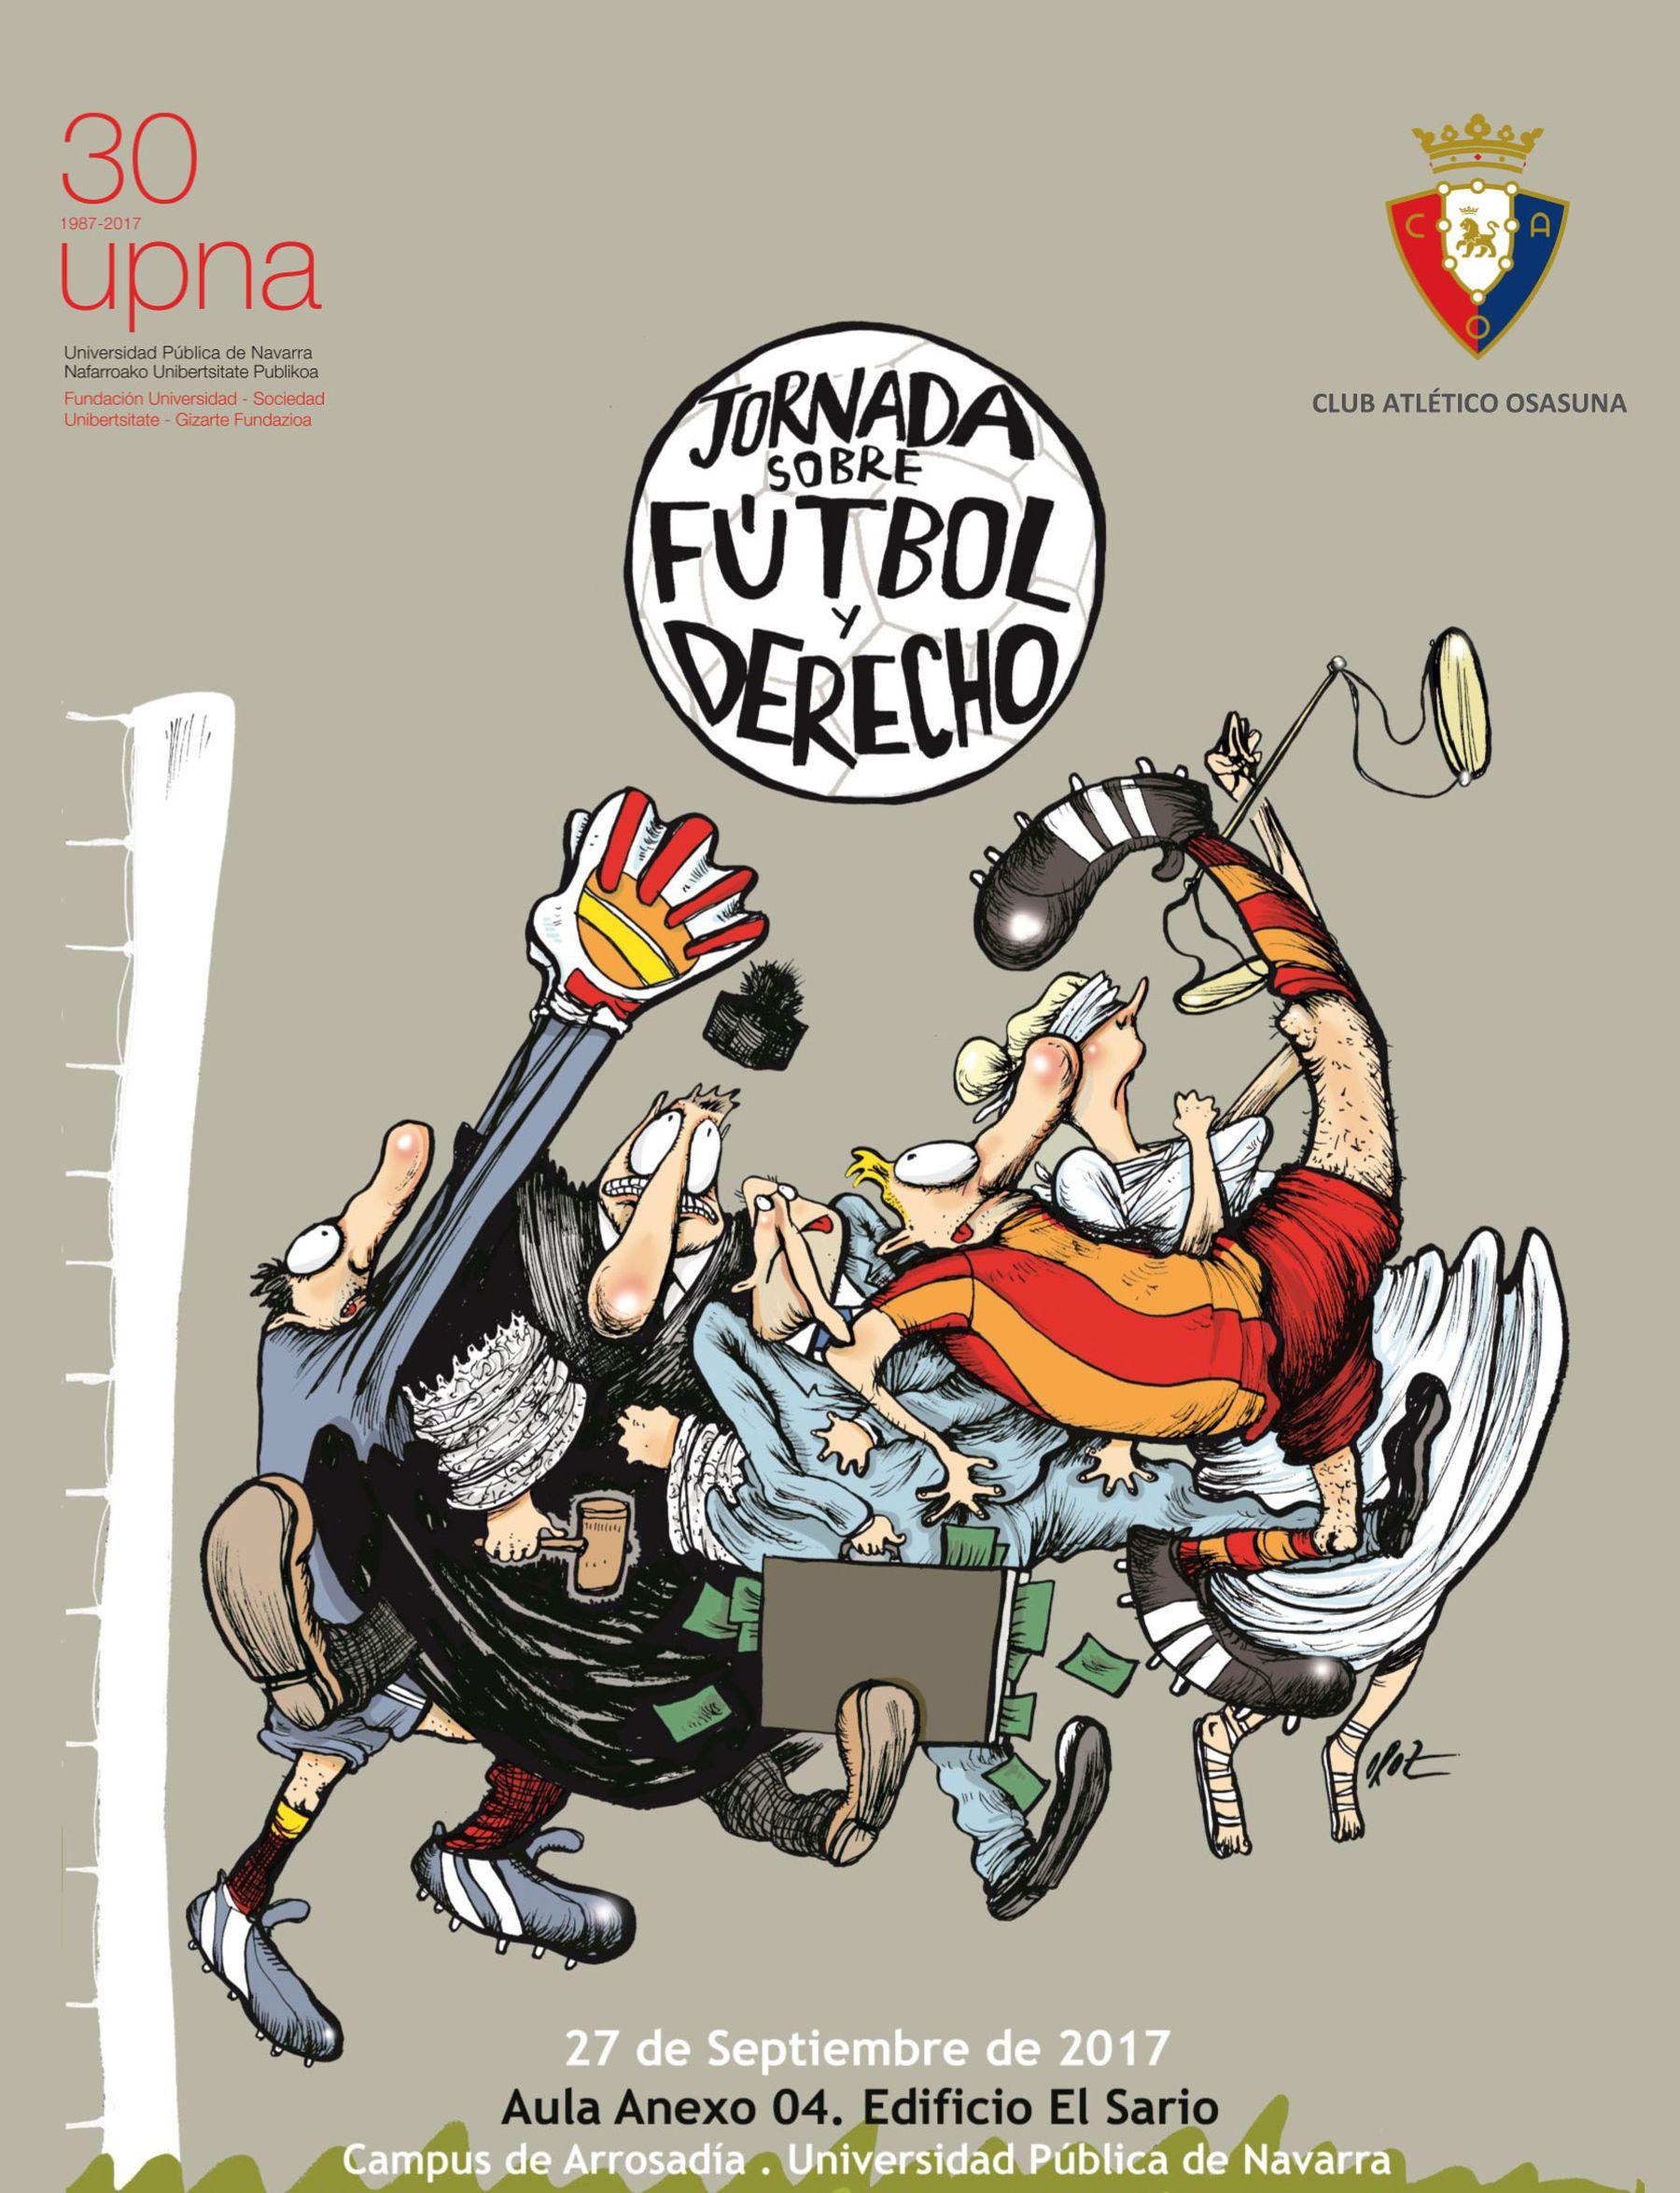 Cartel de la primera jornada de fútbol y derecho de la UPNA.